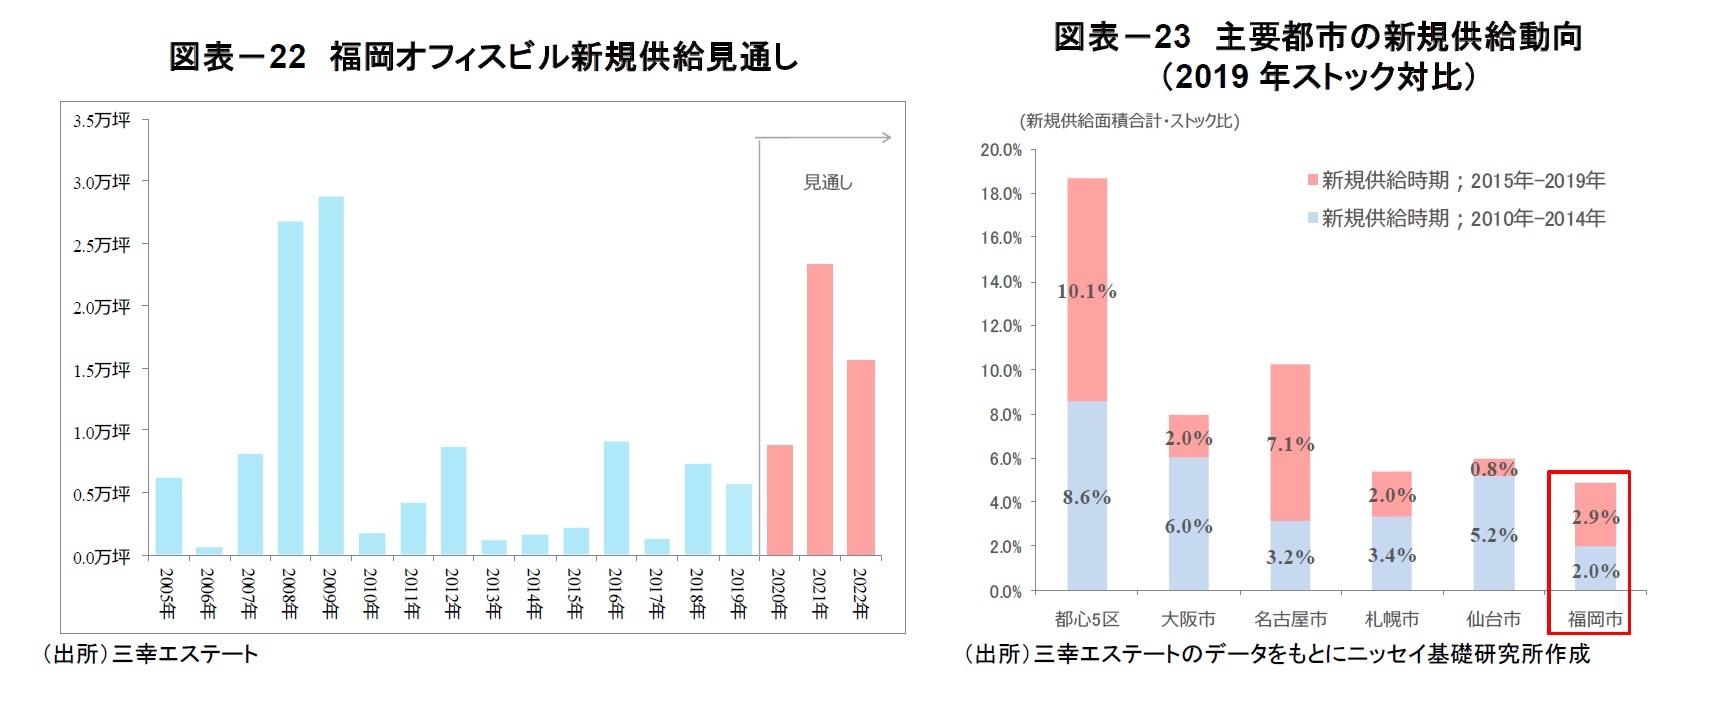 図表-22 福岡オフィスビル新規供給見通し/図表-23 主要都市の新規供給動向(2019年ストック対比)